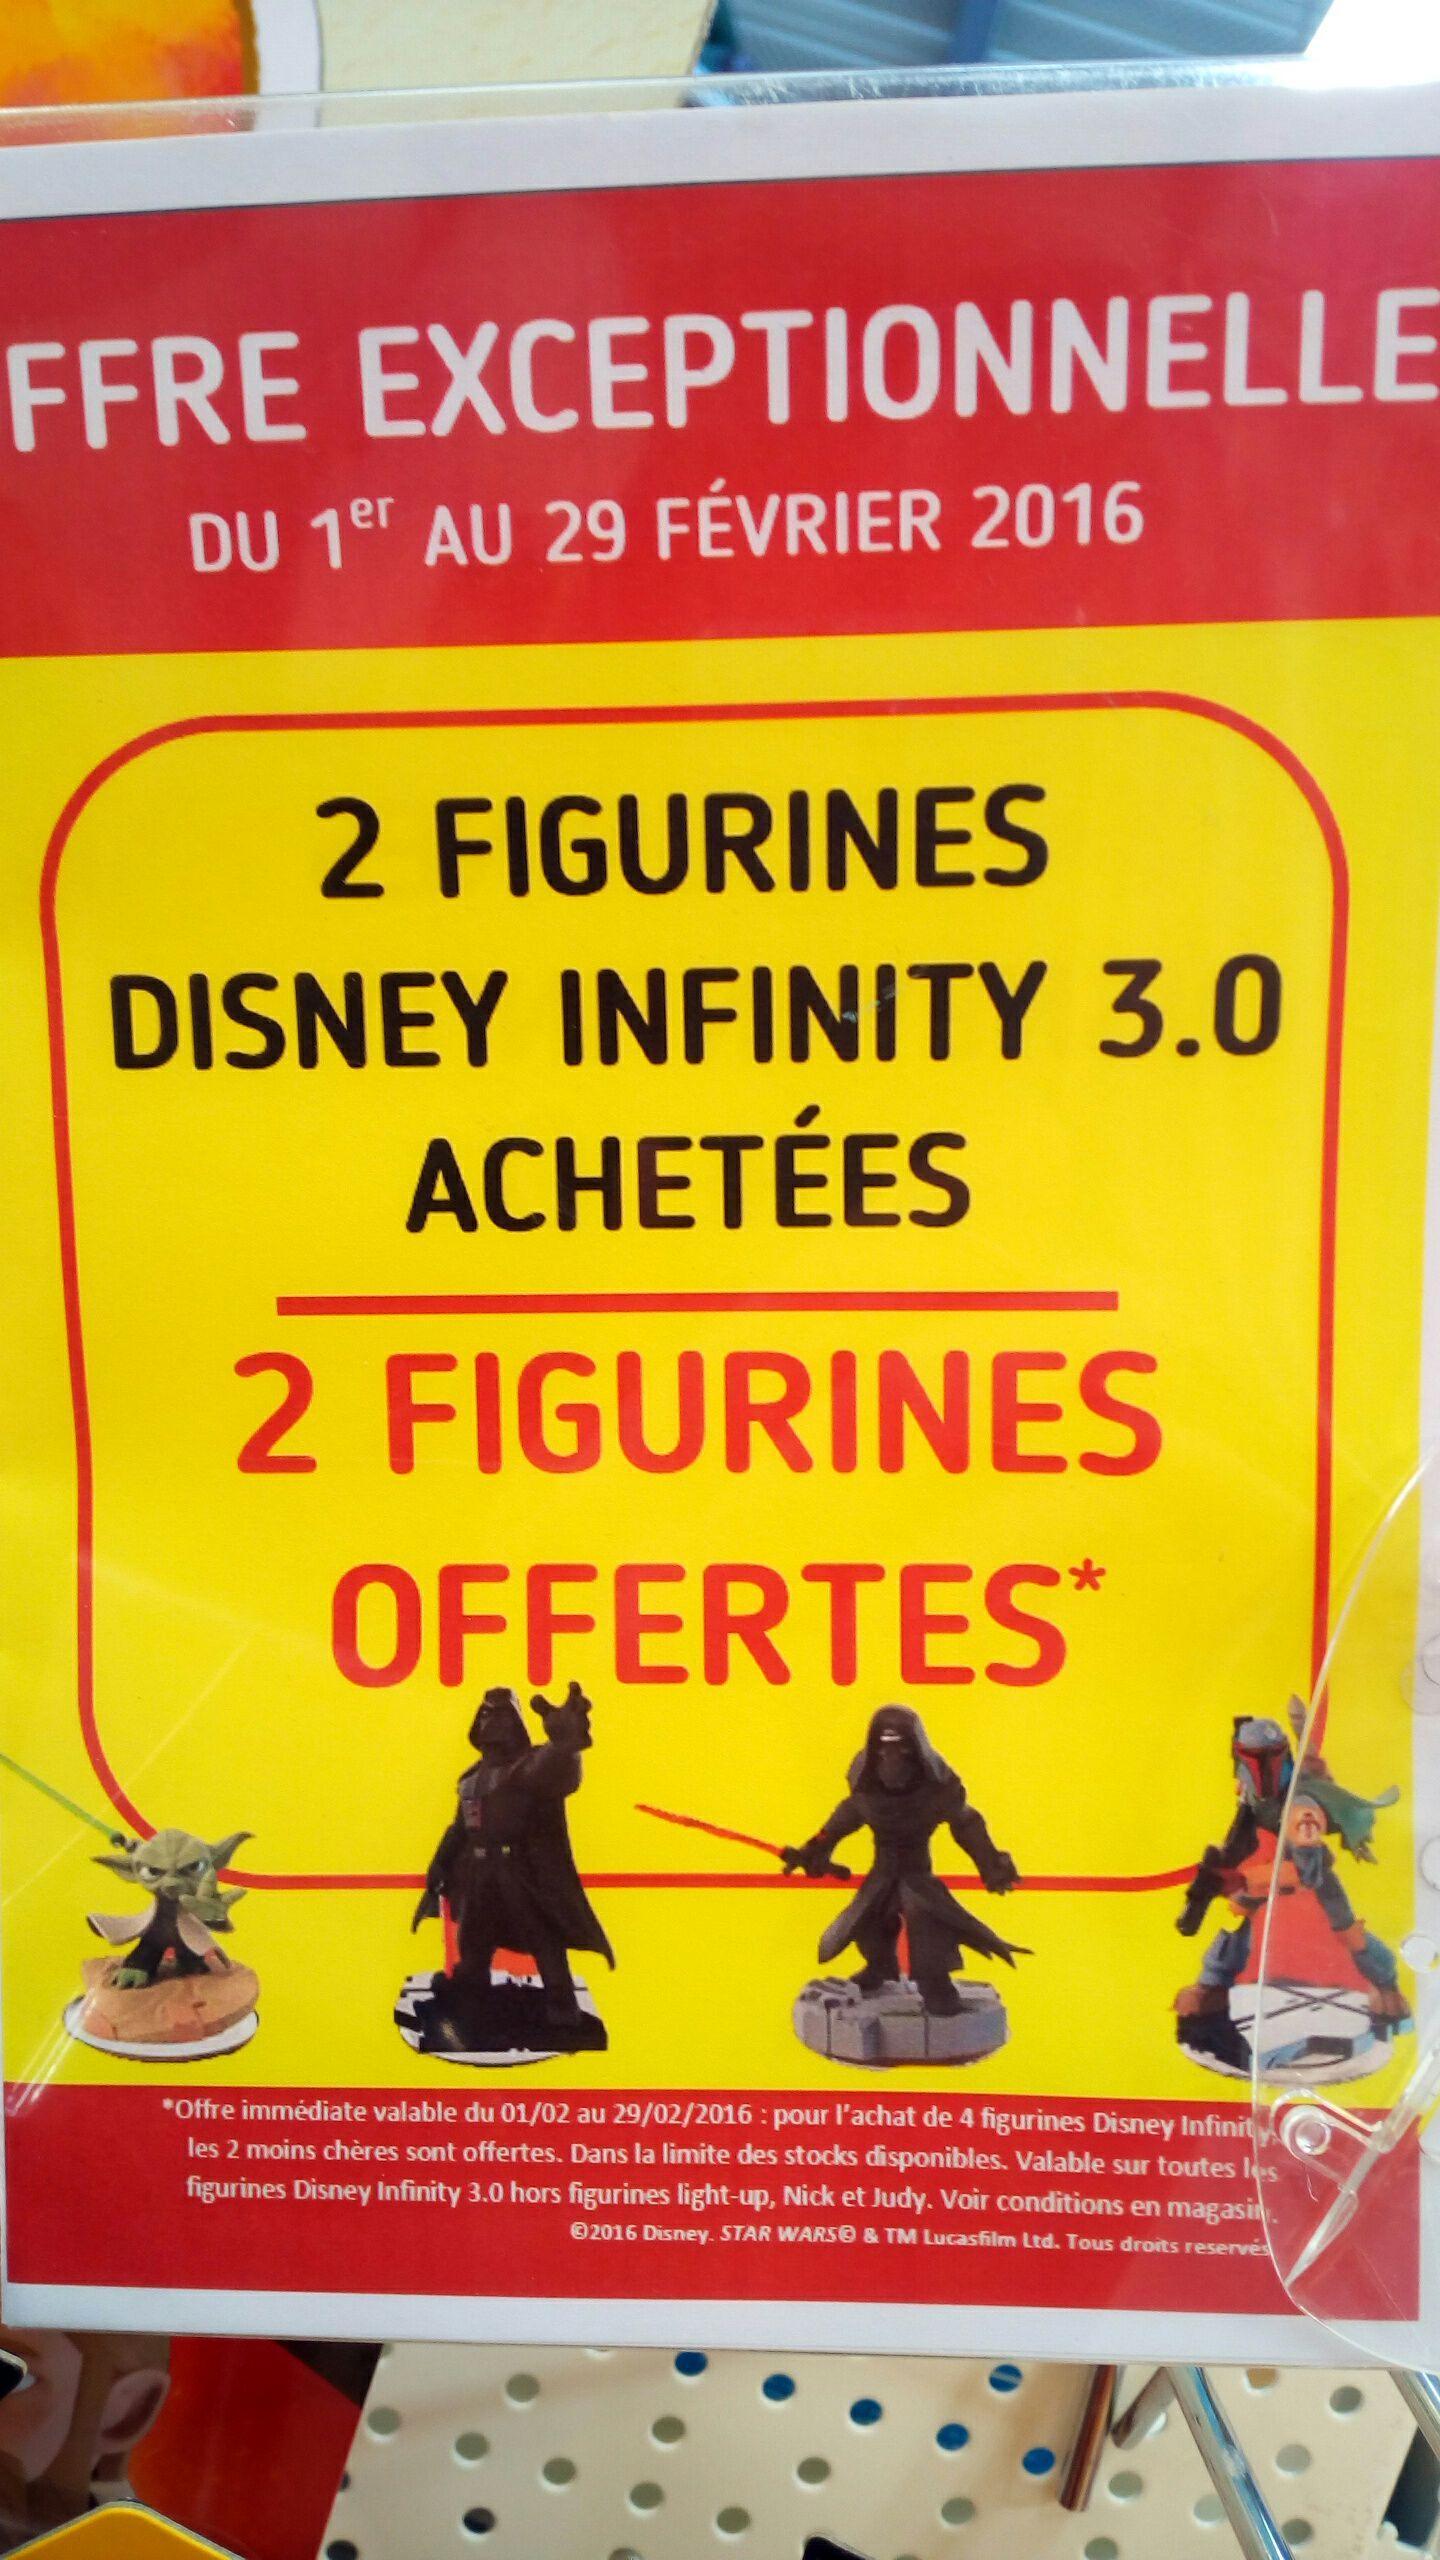 2 figurines Disney Infinity 3.0 achetés = 2 offertes